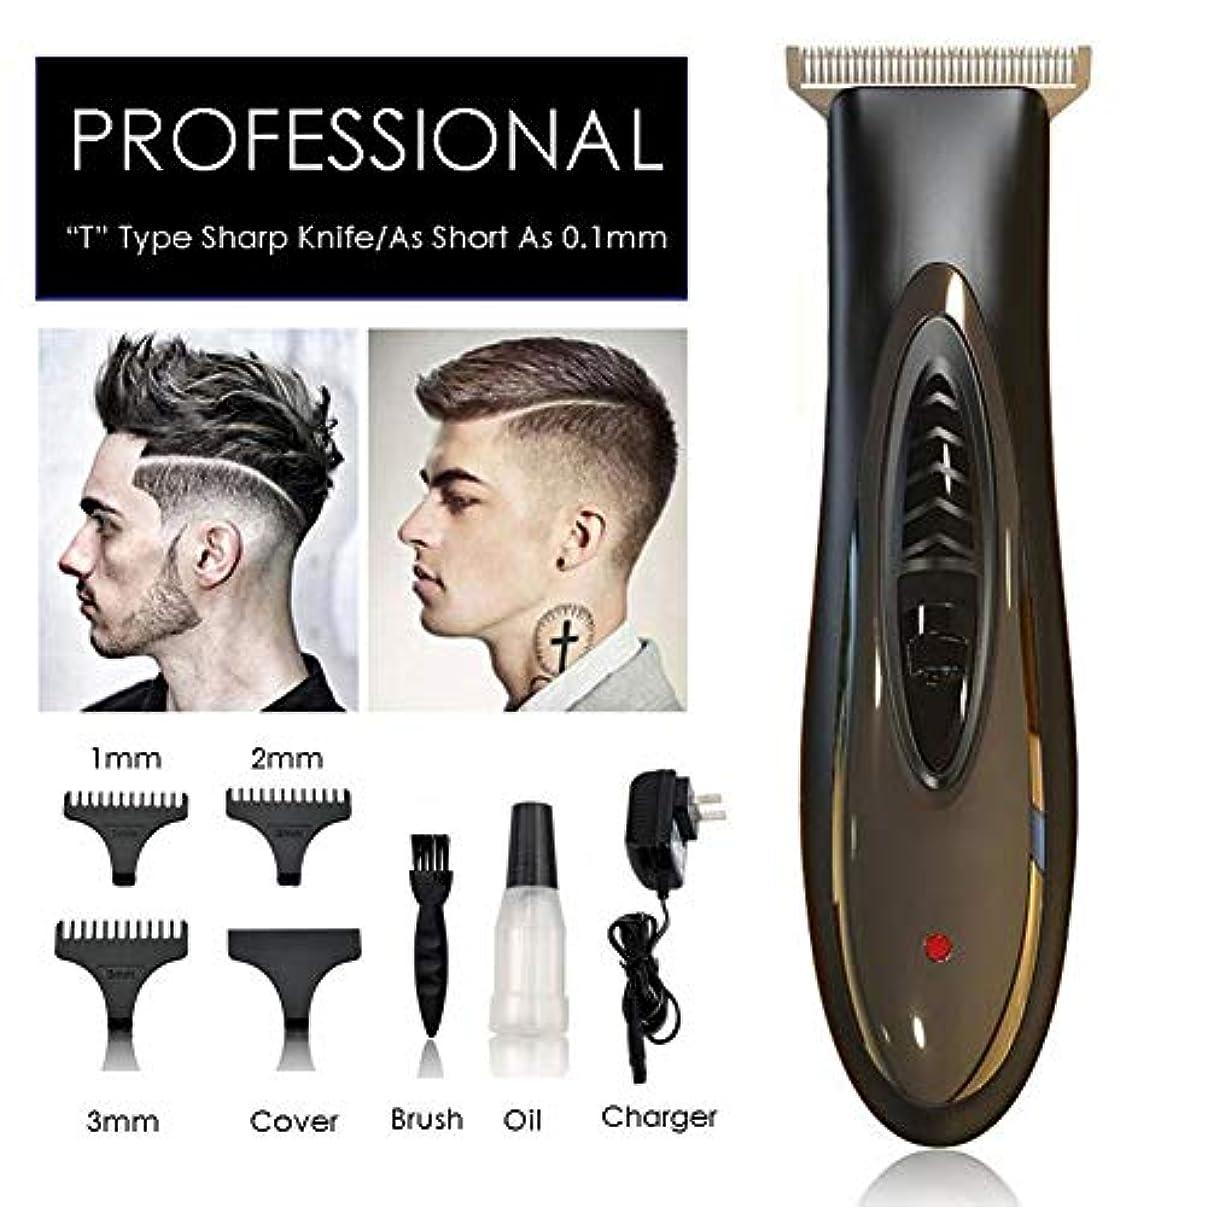 荒れ地クリーナー南東バリカン0.1ミリメートルプロフェッショナル充電式のヘアトリマー髭剃り髪の男性のためのマシンエッジングサロン電気芝刈り機を切断